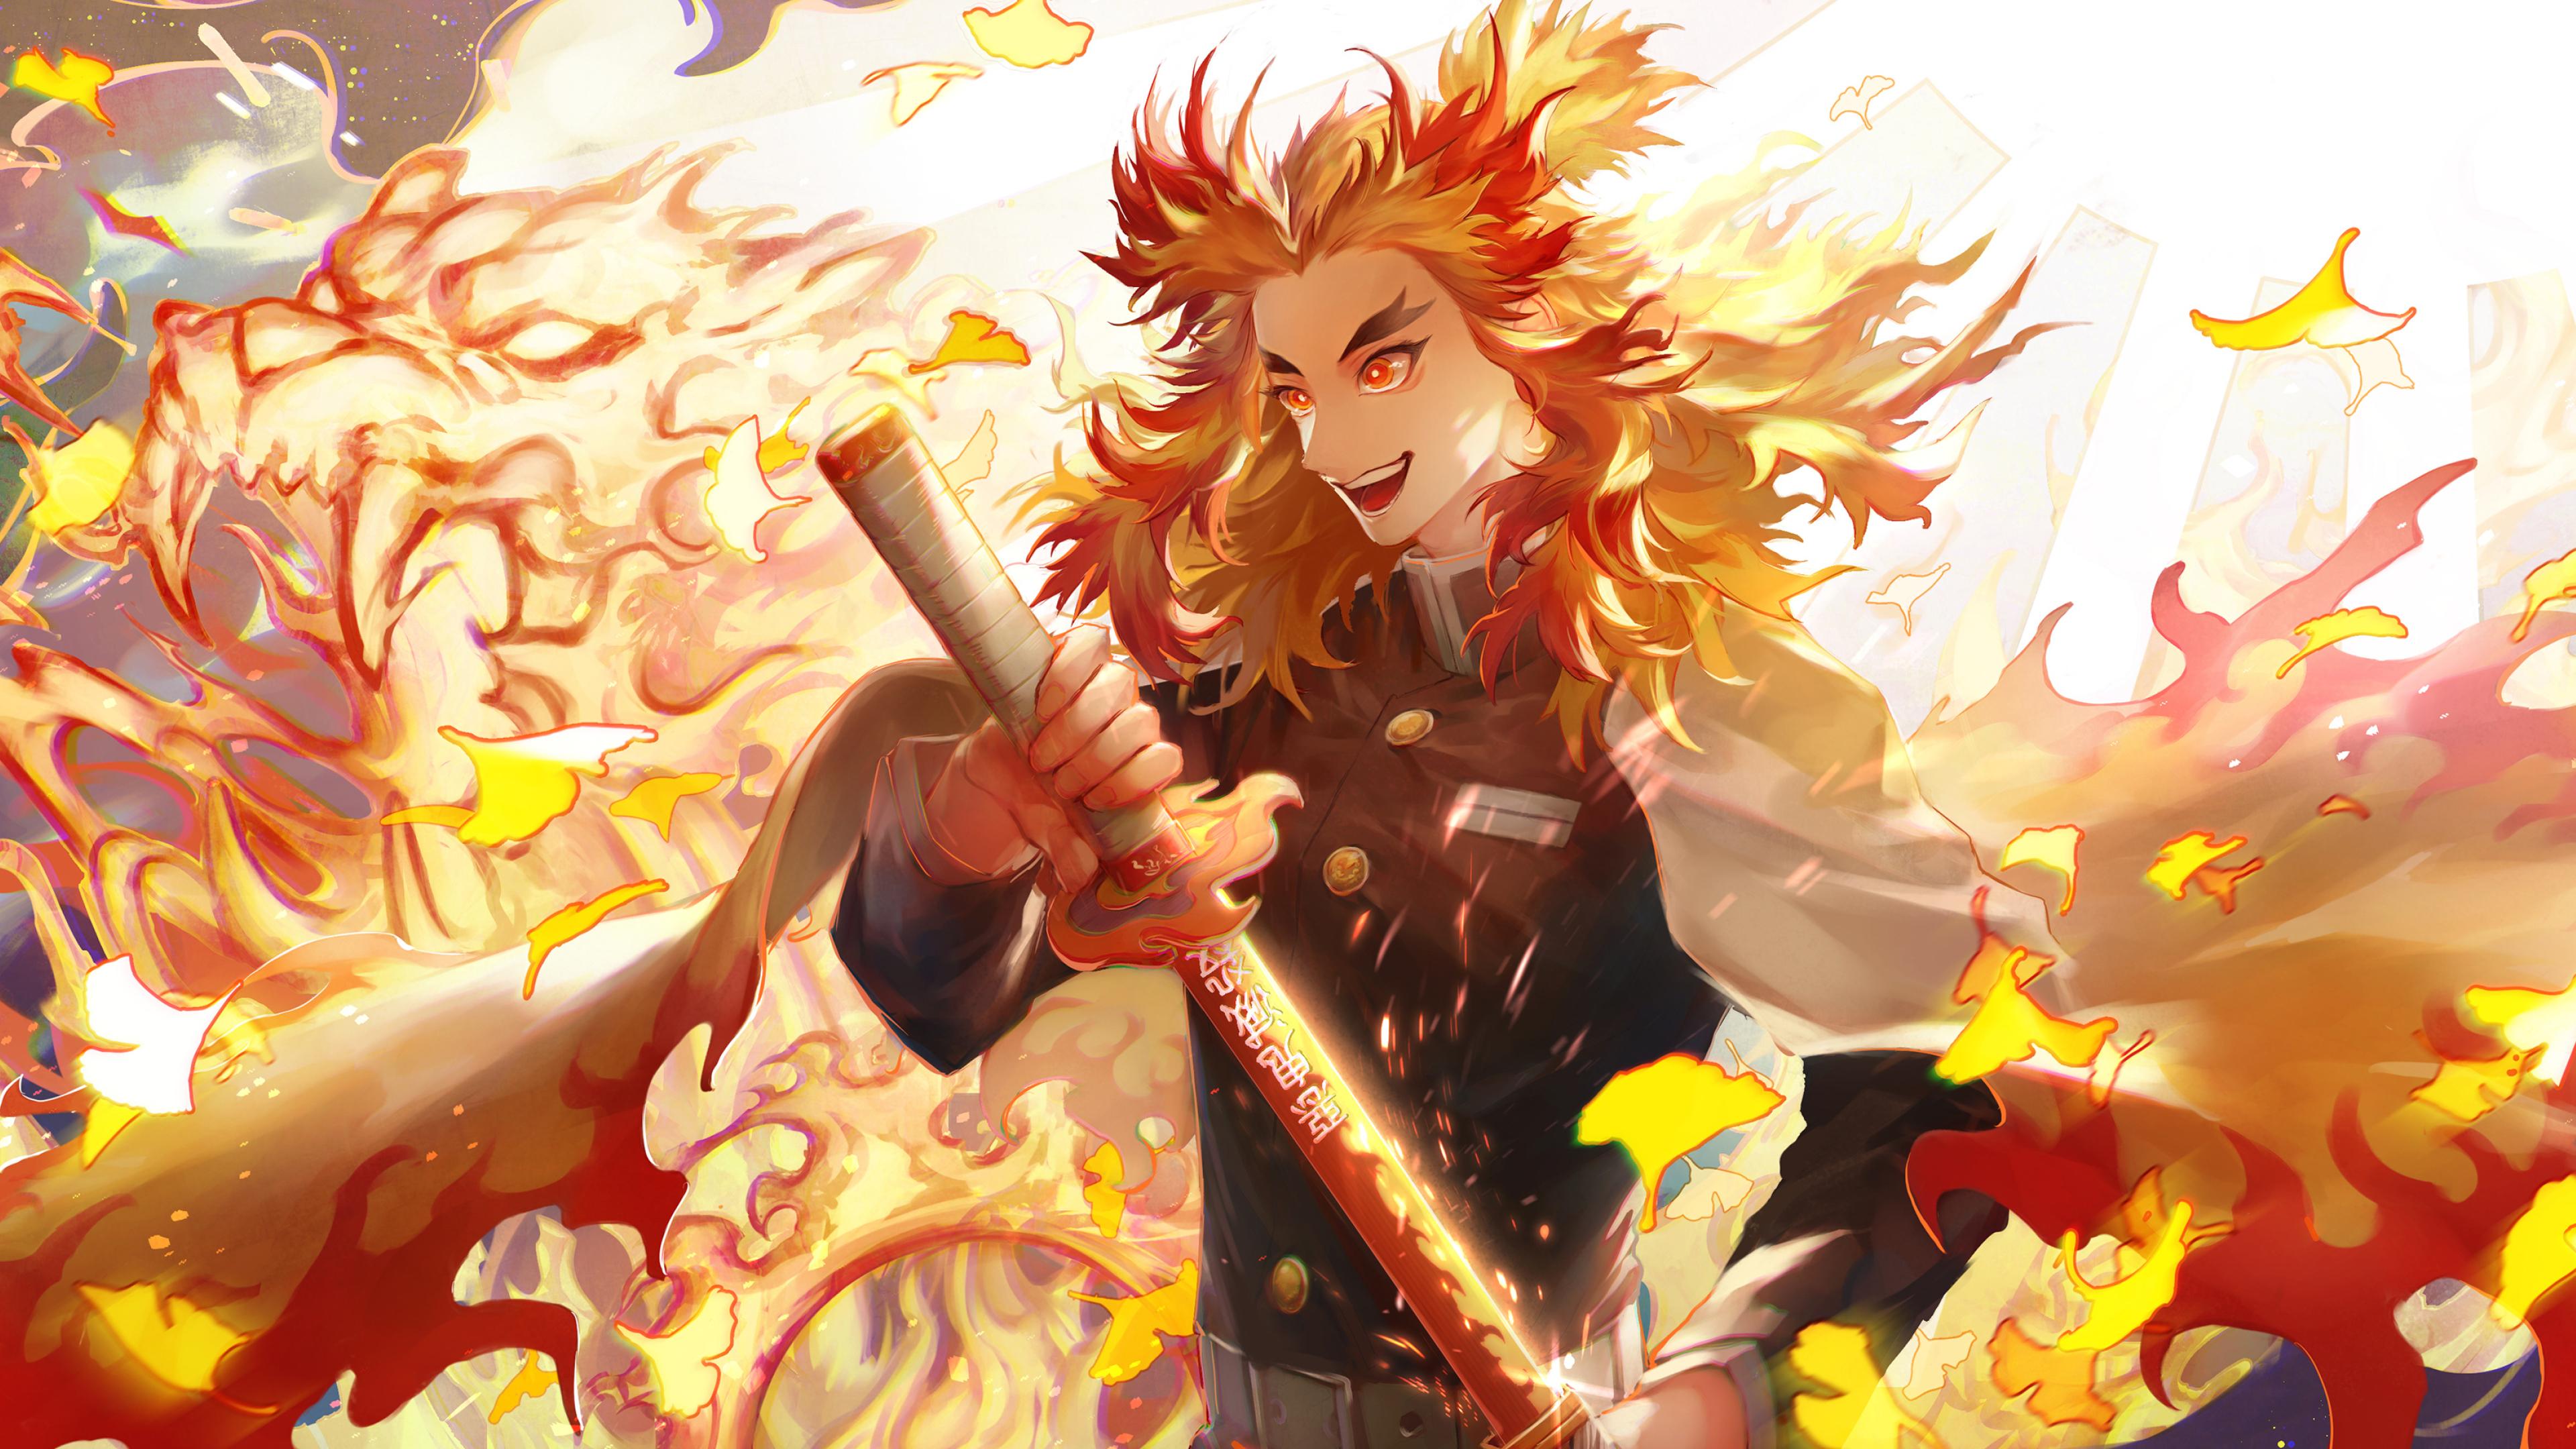 3840x2160 Rengoku Kyoujurou 4K 4K Wallpaper, HD Anime 4K ...